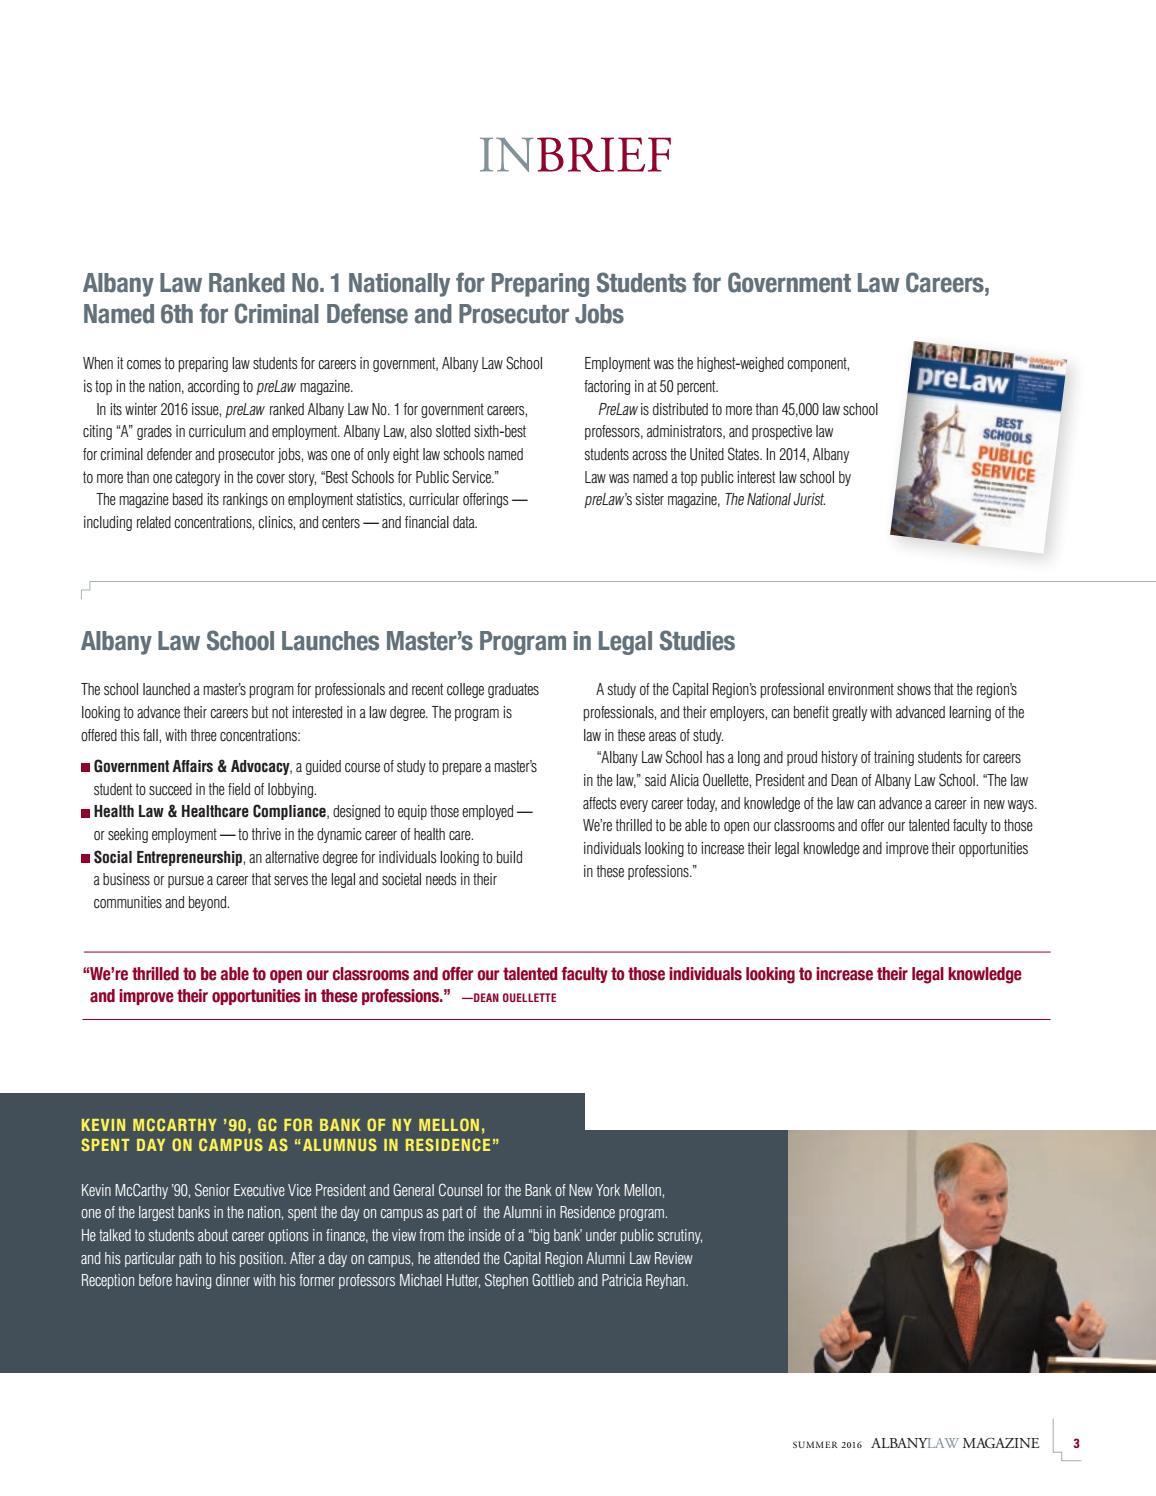 Albany Law magazine 2016 by Albany Law School - issuu